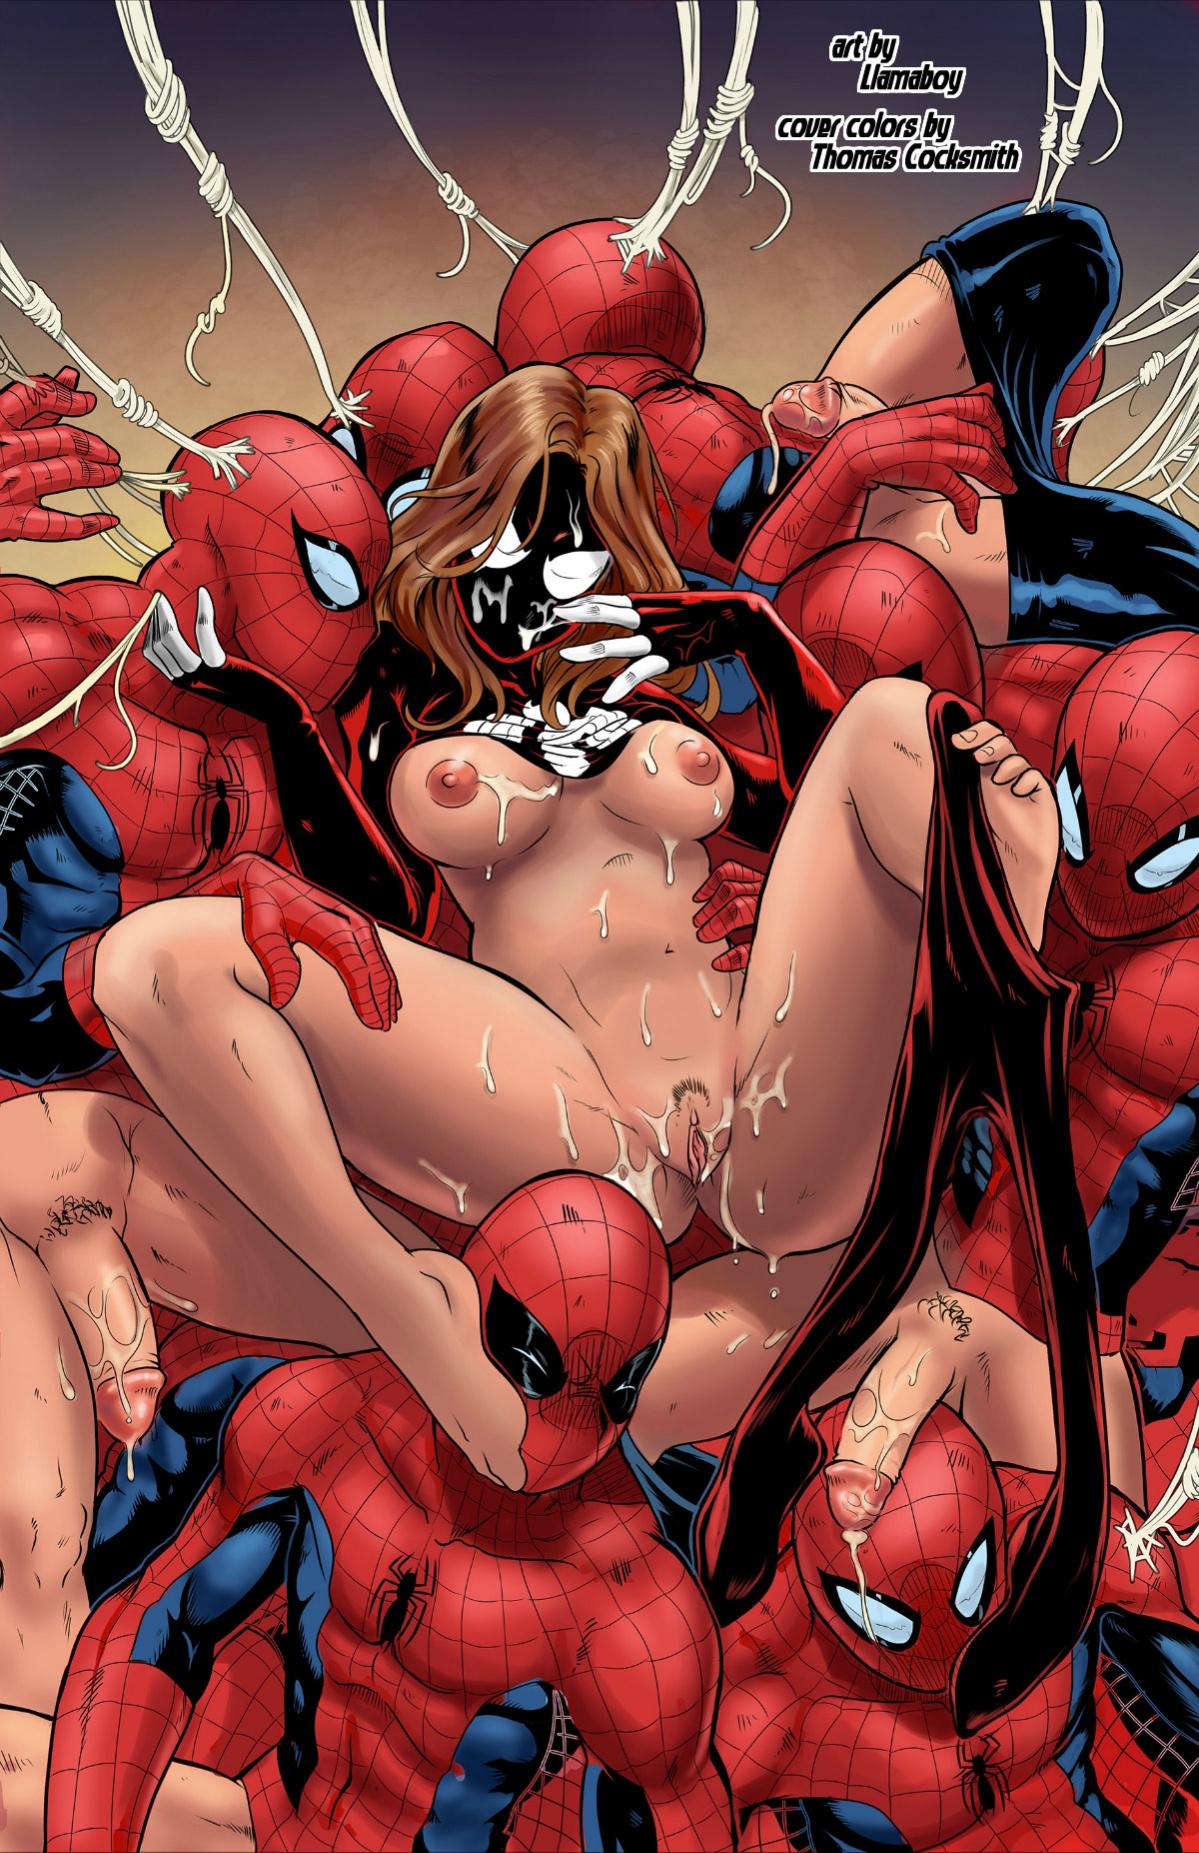 Ultimate Spider-Man XXX 13 - Spidercest porn comics Oral sex, Futanari, Group Sex, Masturbation, Sex Toys